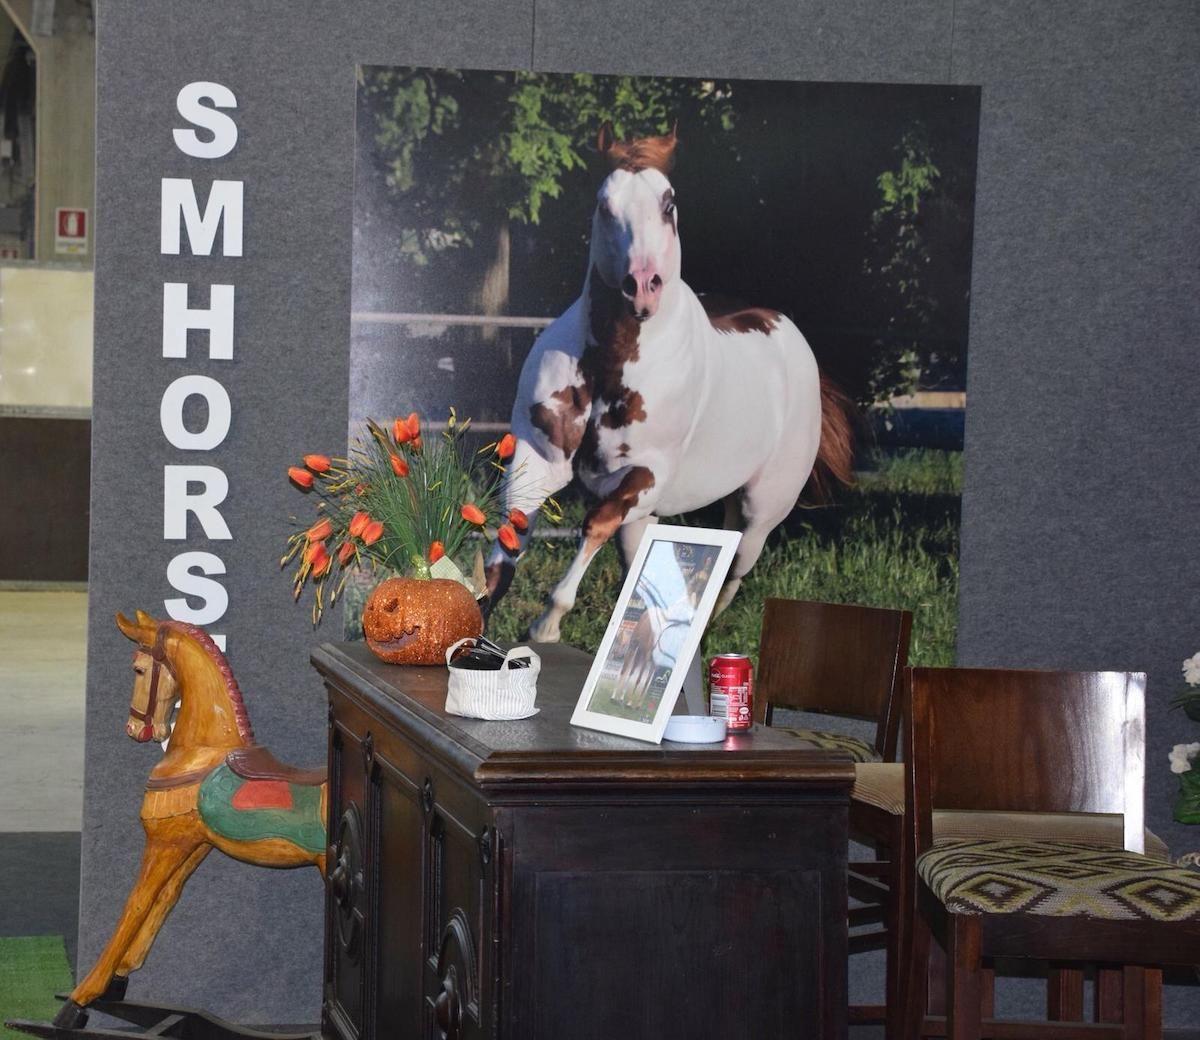 Allestimento stand SMHorses presso la fiera del cavallo Americano a Cremona whatsappimage2018-10-30at13.10.04.jpg